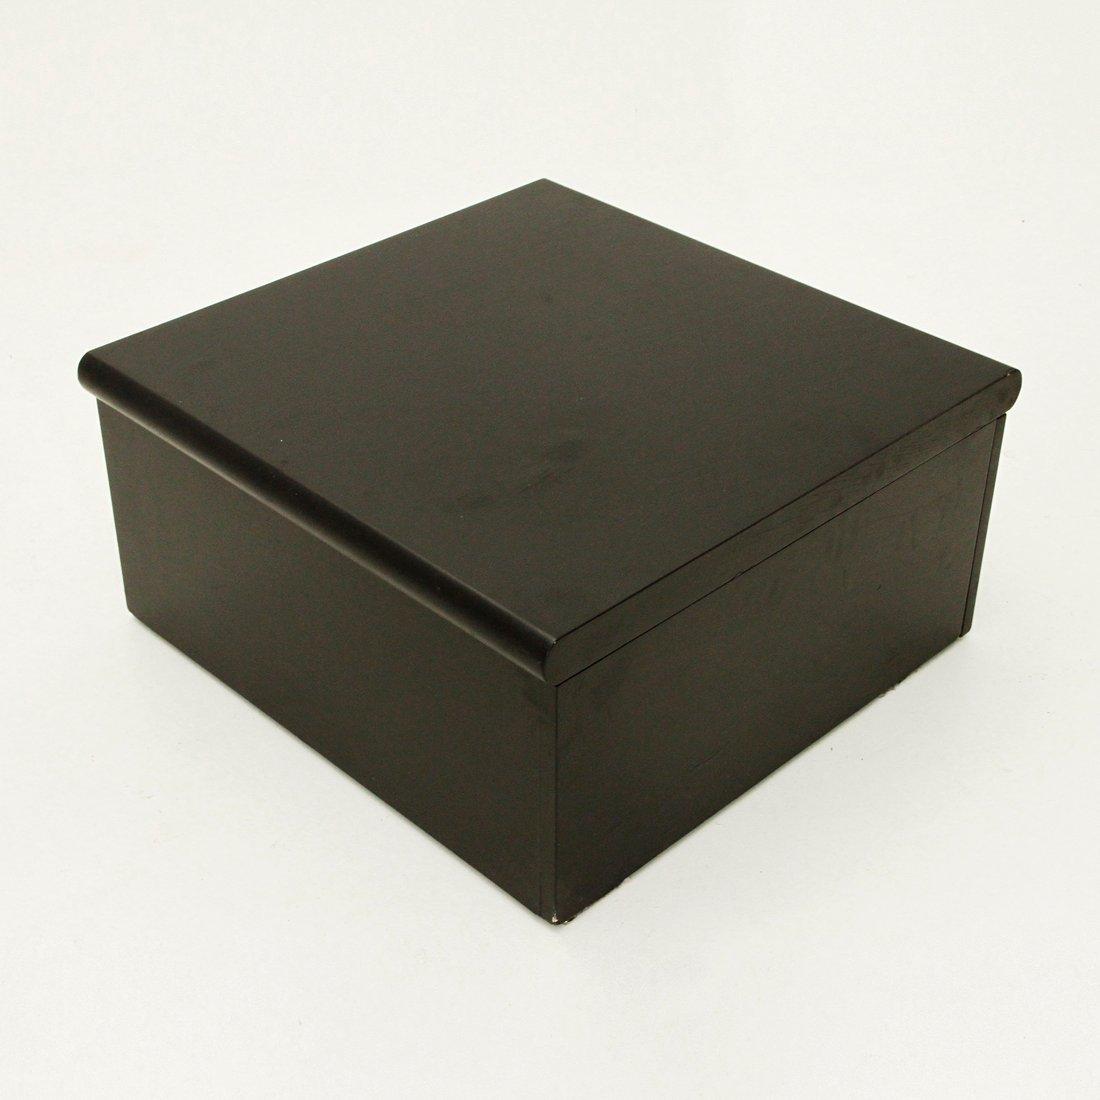 table basse avec compartiment bar 1970s en vente sur pamono. Black Bedroom Furniture Sets. Home Design Ideas